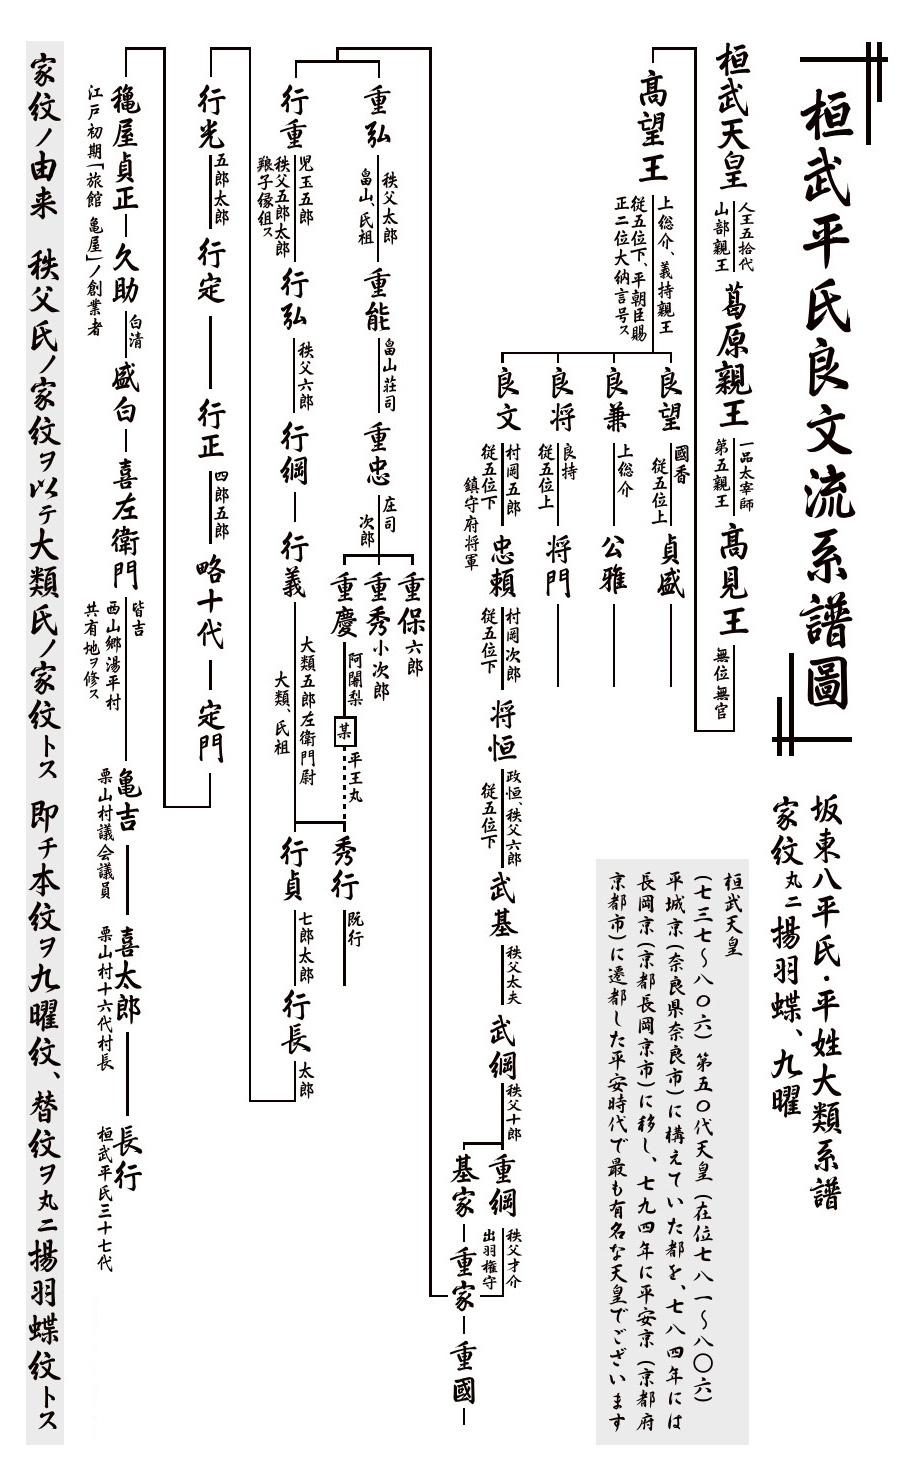 湯西川温泉 桓武平氏 大類武士団歴史書